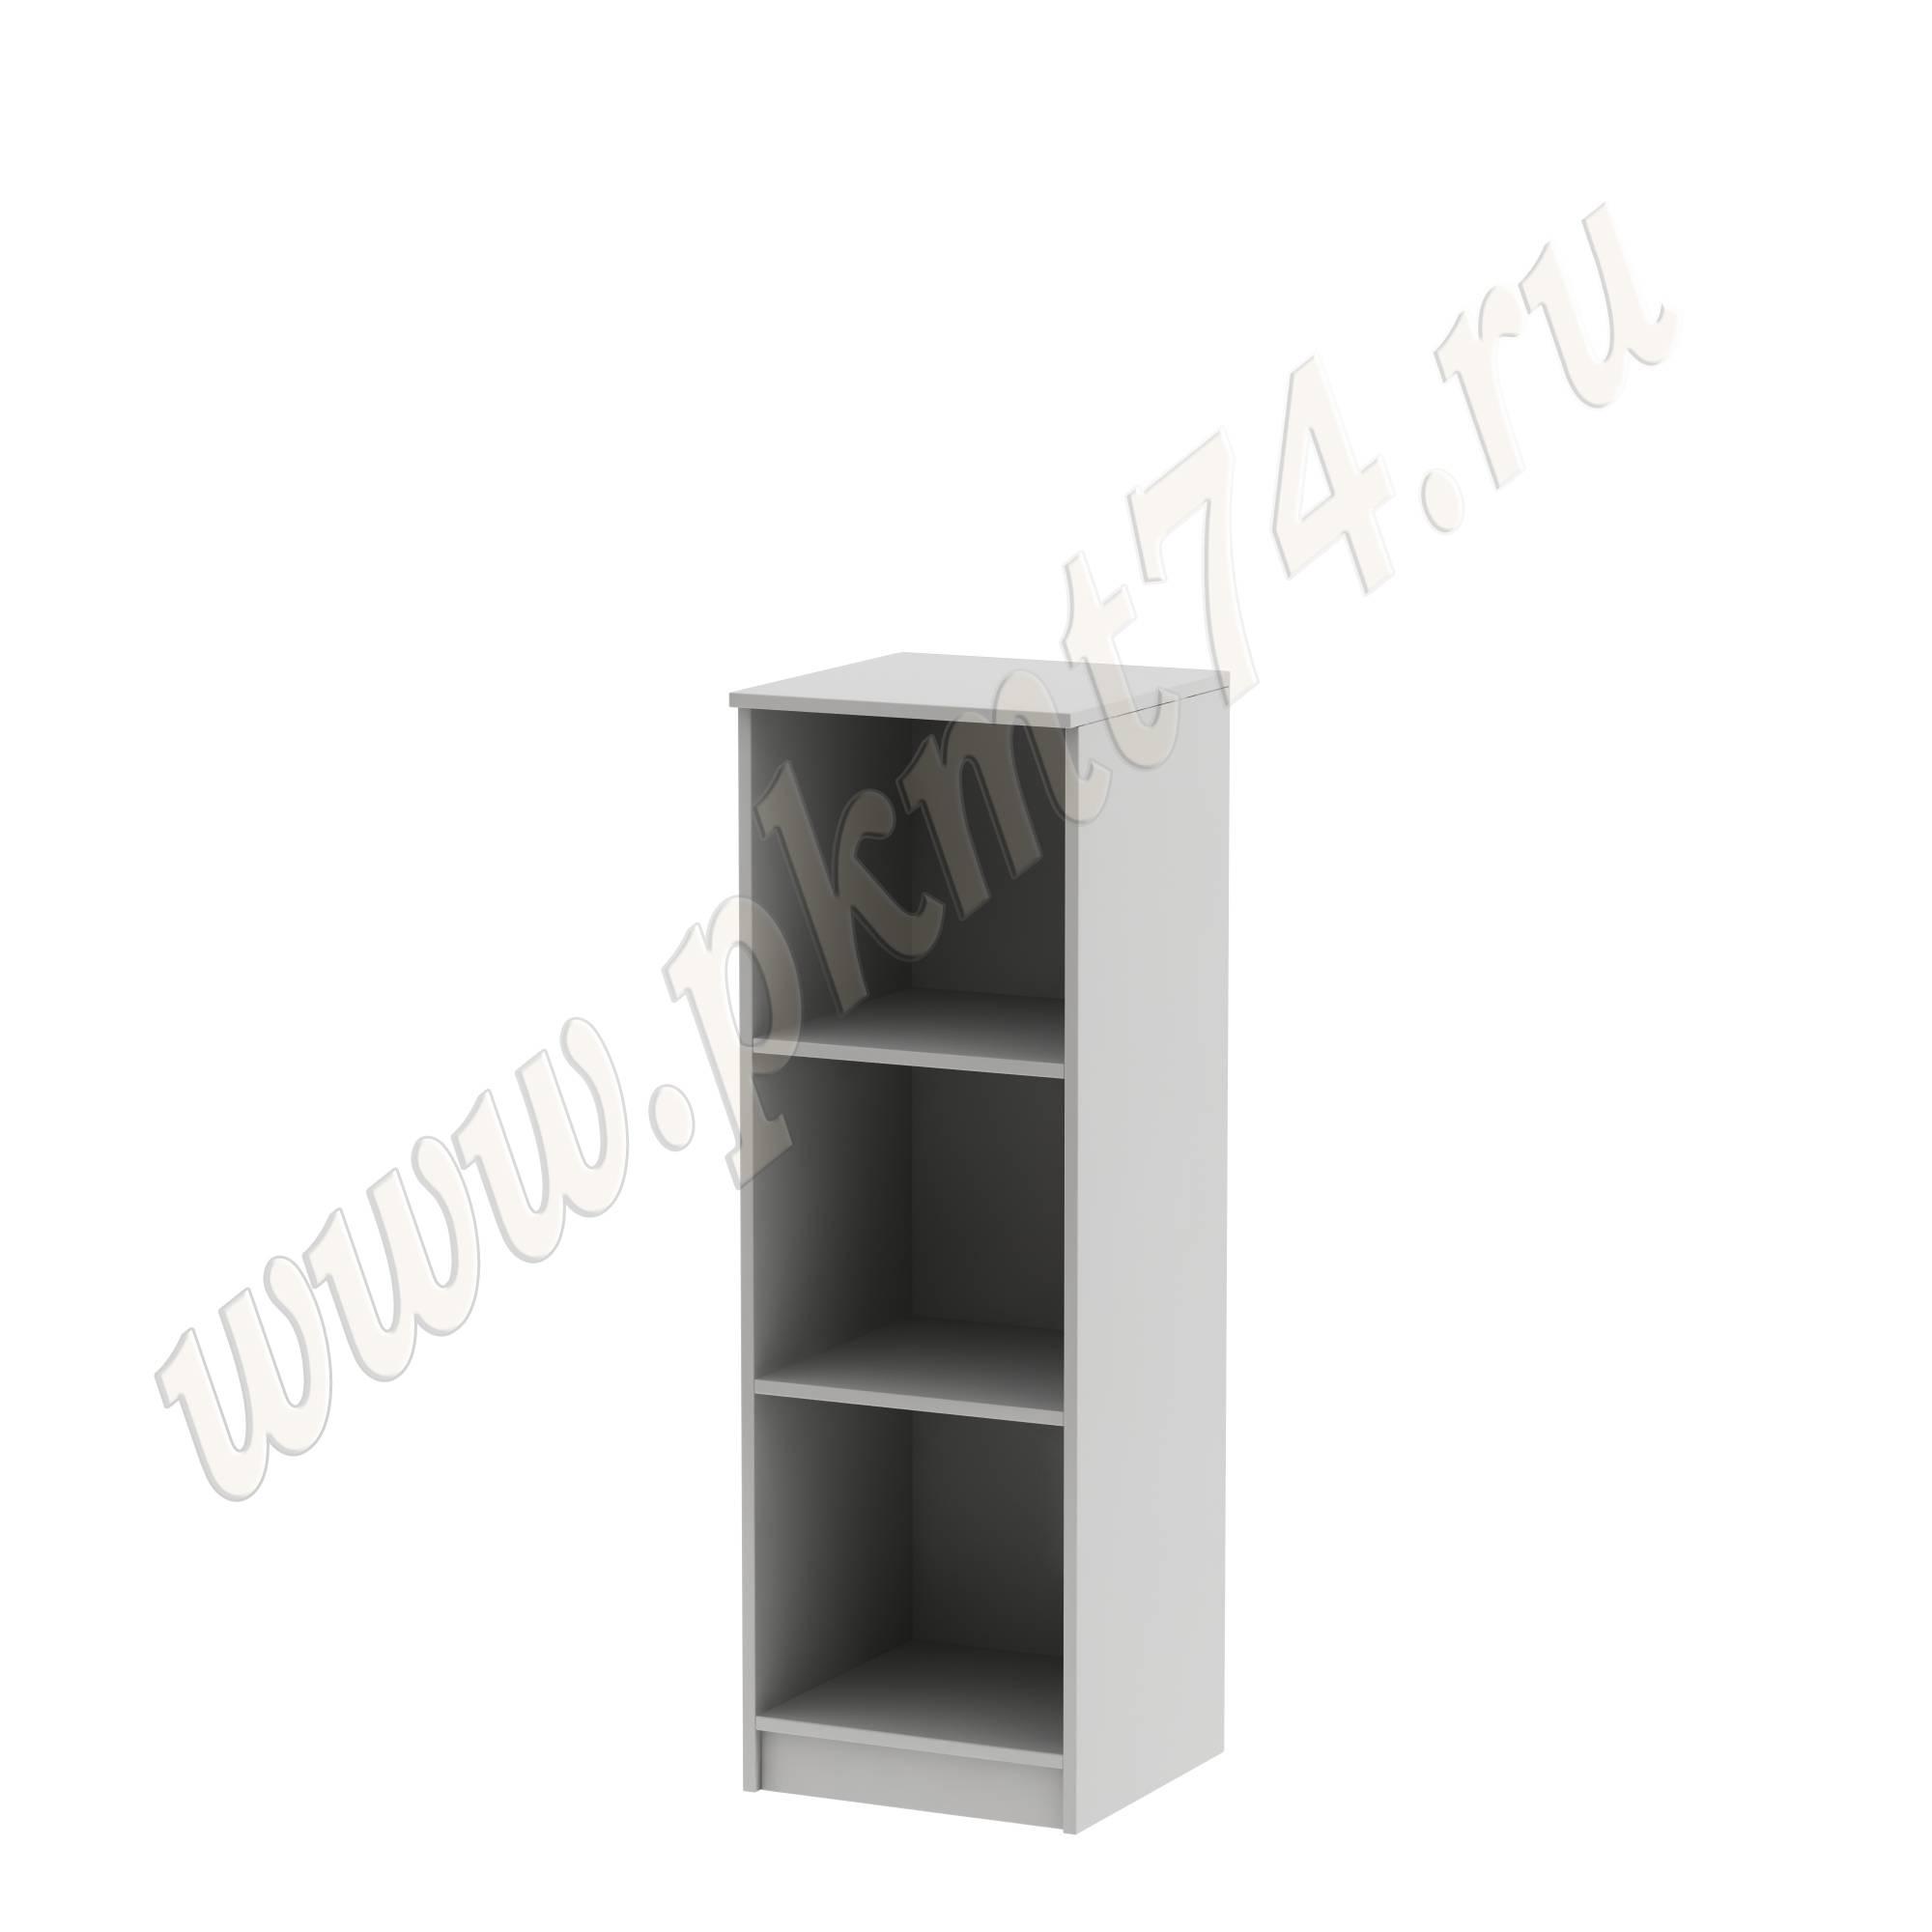 Пенал малый MT 13-1 серый